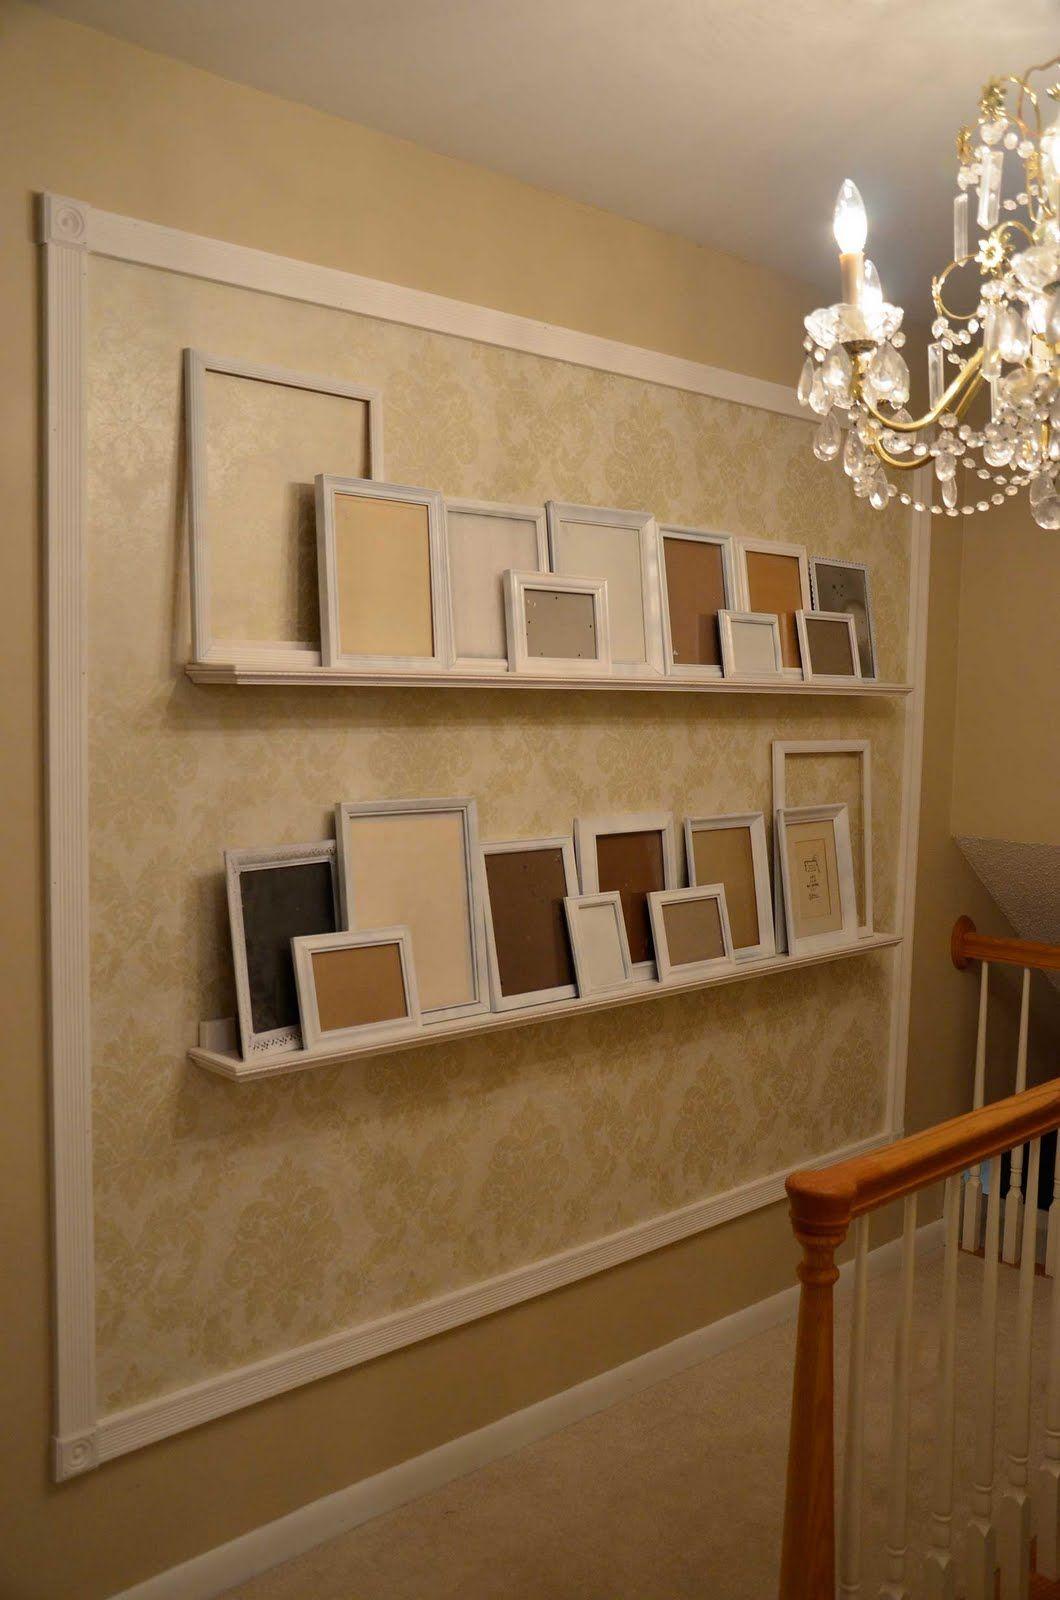 Fresh Hallway Wall Shelf